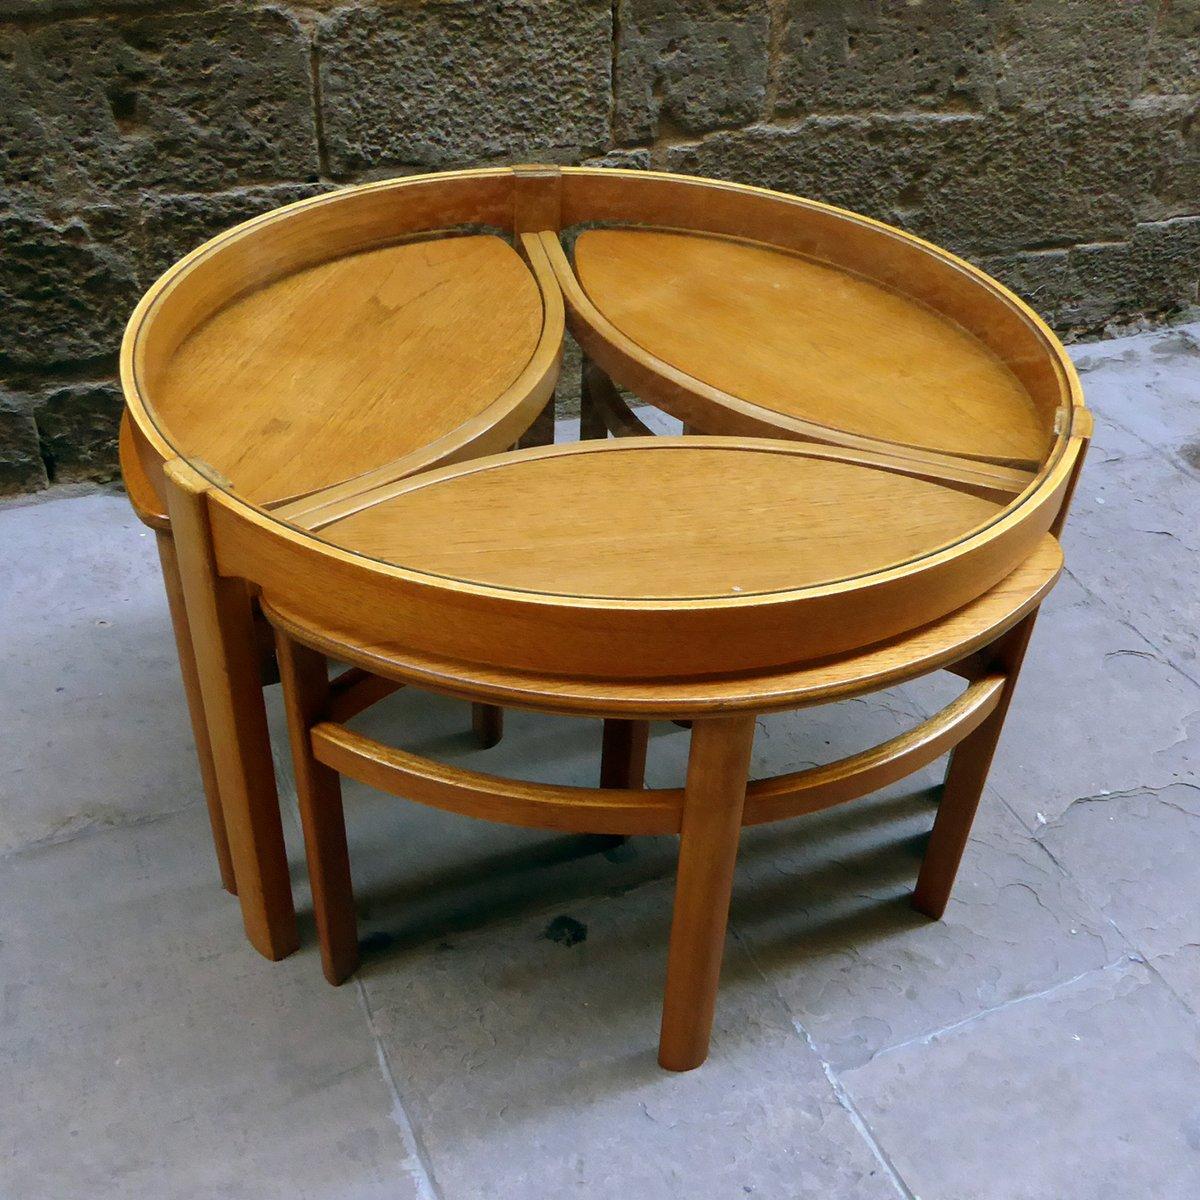 runder glas couchtisch mit passenden satztischen 4er set bei pamono kaufen. Black Bedroom Furniture Sets. Home Design Ideas